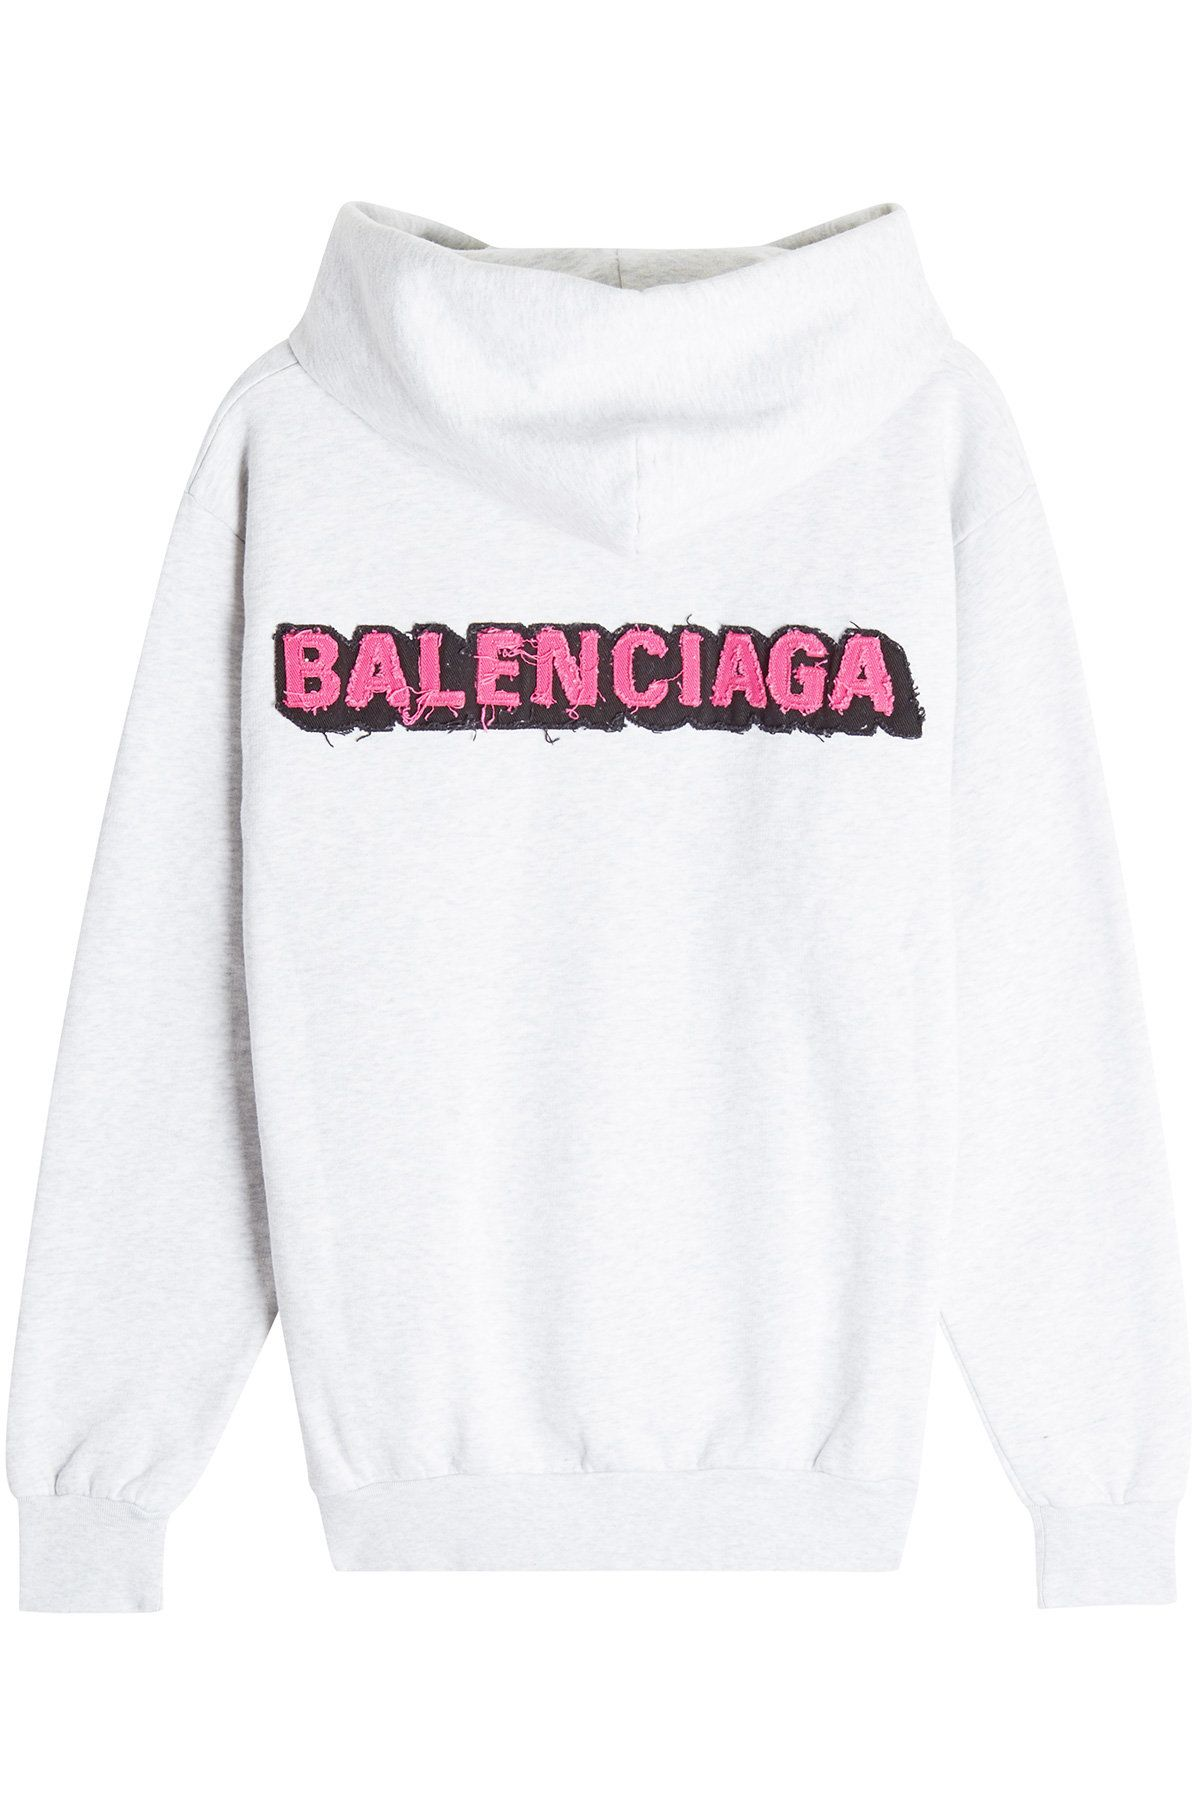 Balenciaga Cotton Hoody With Applique Logo [ 1800 x 1200 Pixel ]